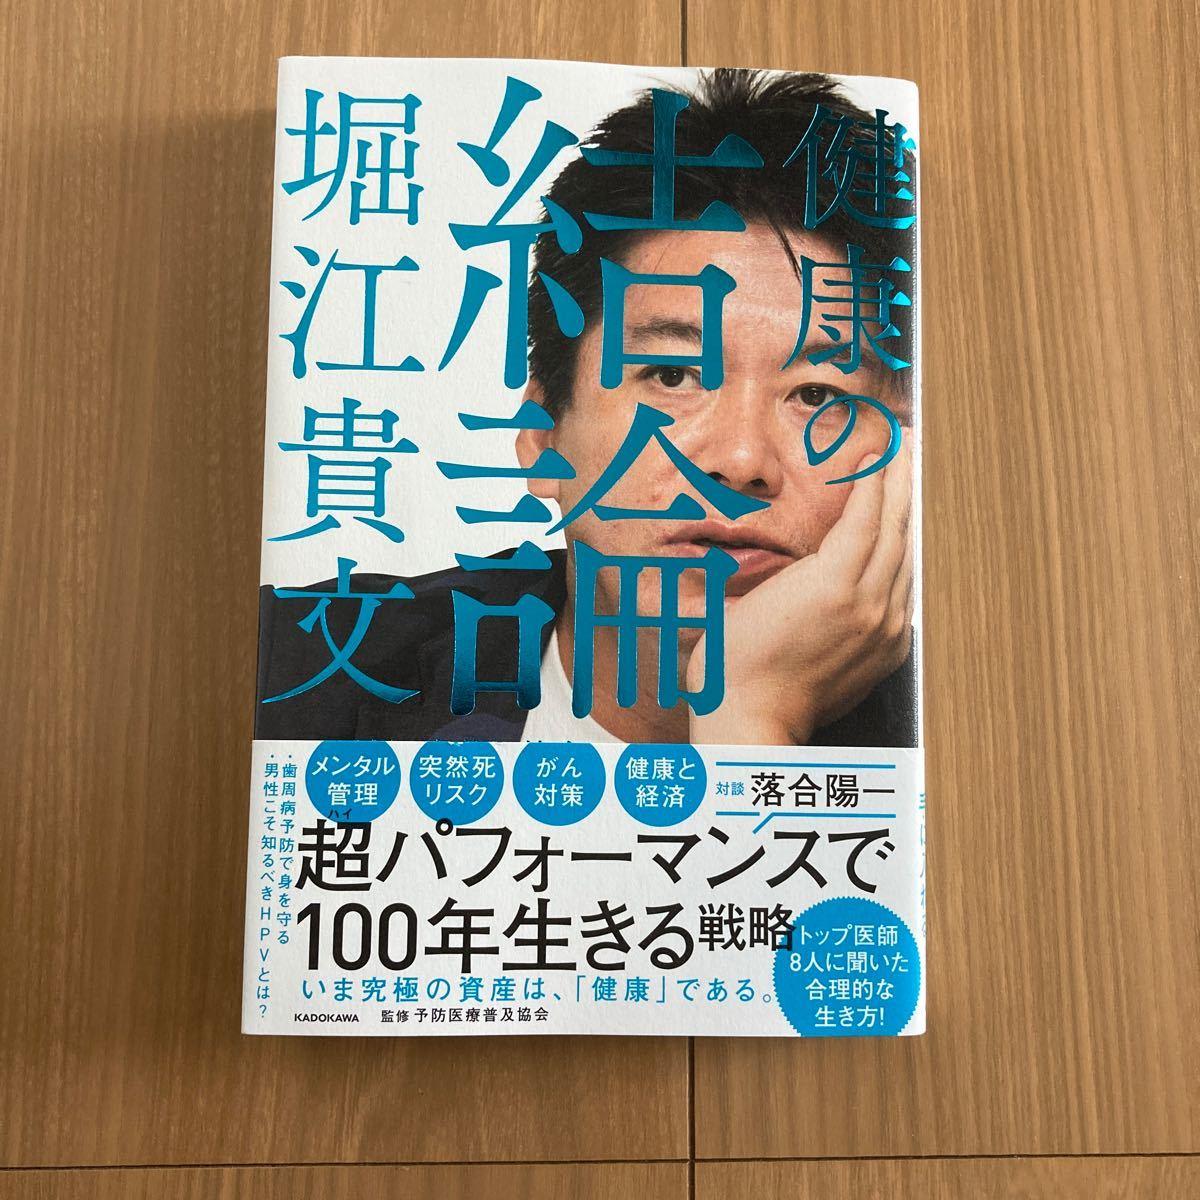 健康の結論 堀江貴文 自己啓発本 ビジネス書 本 健康